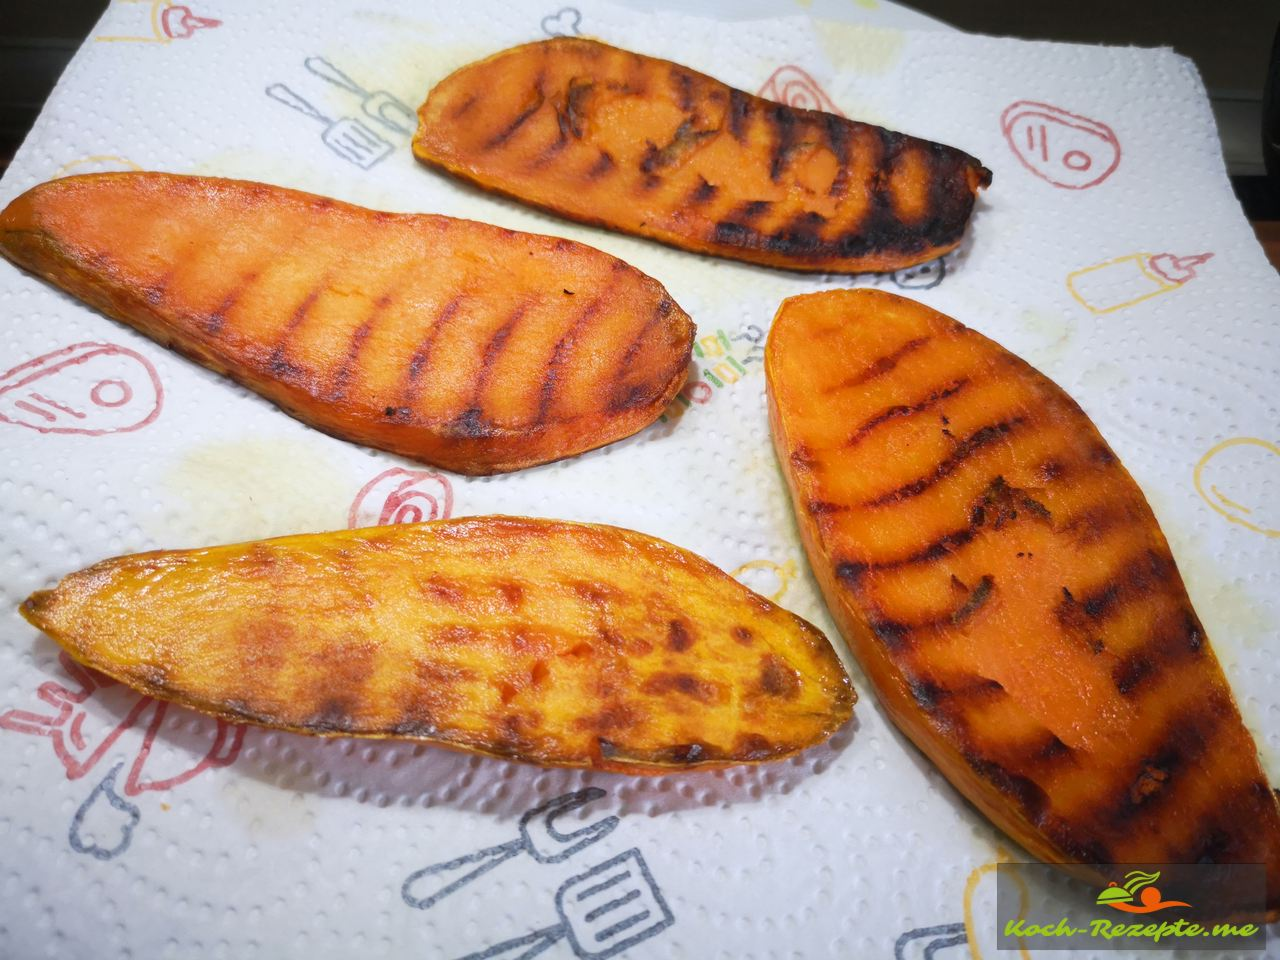 Süßkartoffel auf Haushaltpapier legen erkalten lassen